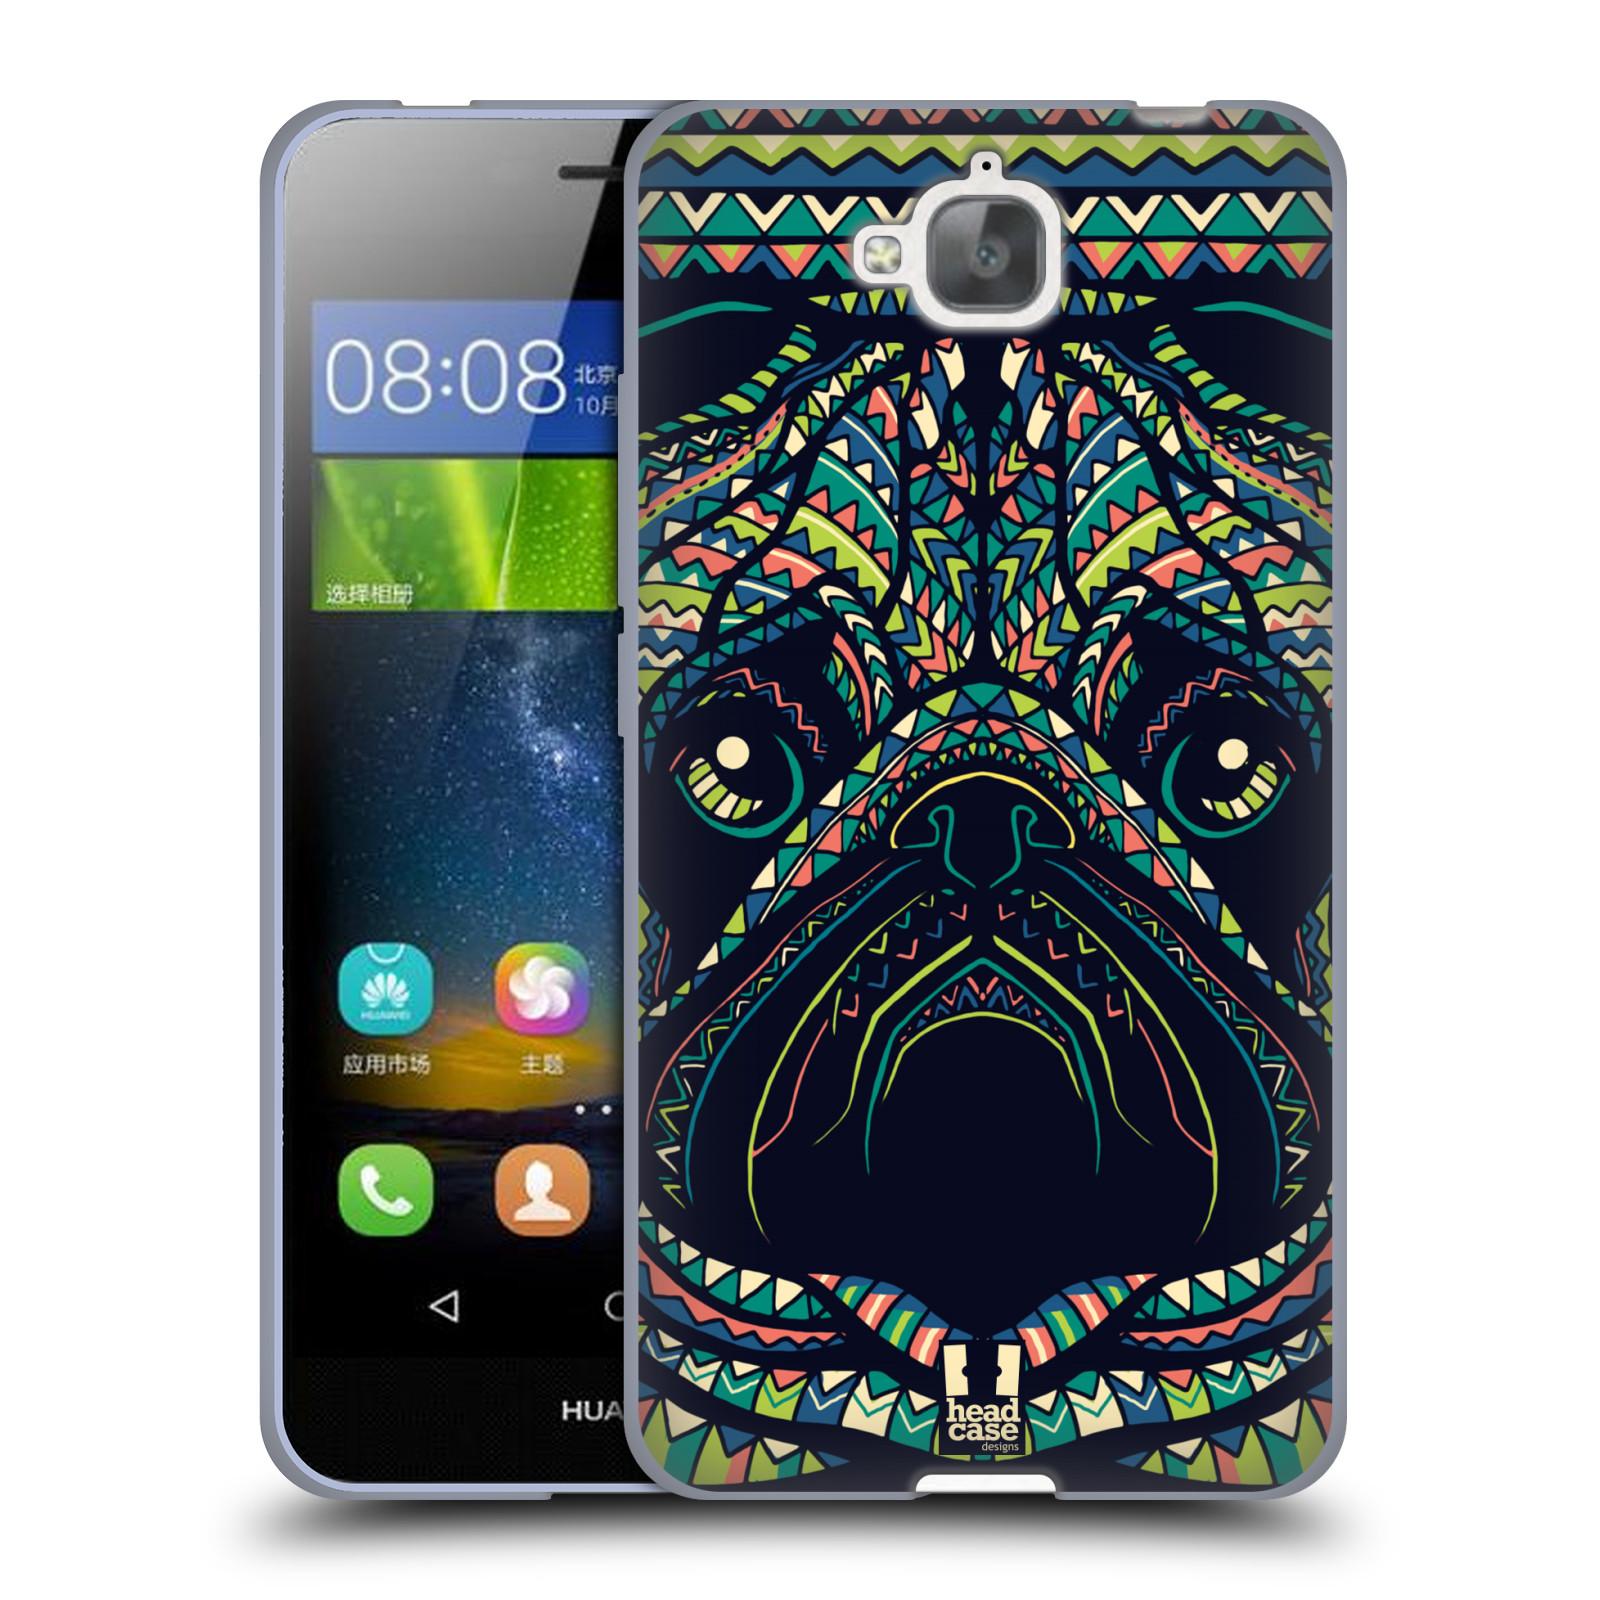 Silikonové pouzdro na mobil Huawei Y6 Pro Dual Sim HEAD CASE AZTEC MOPS